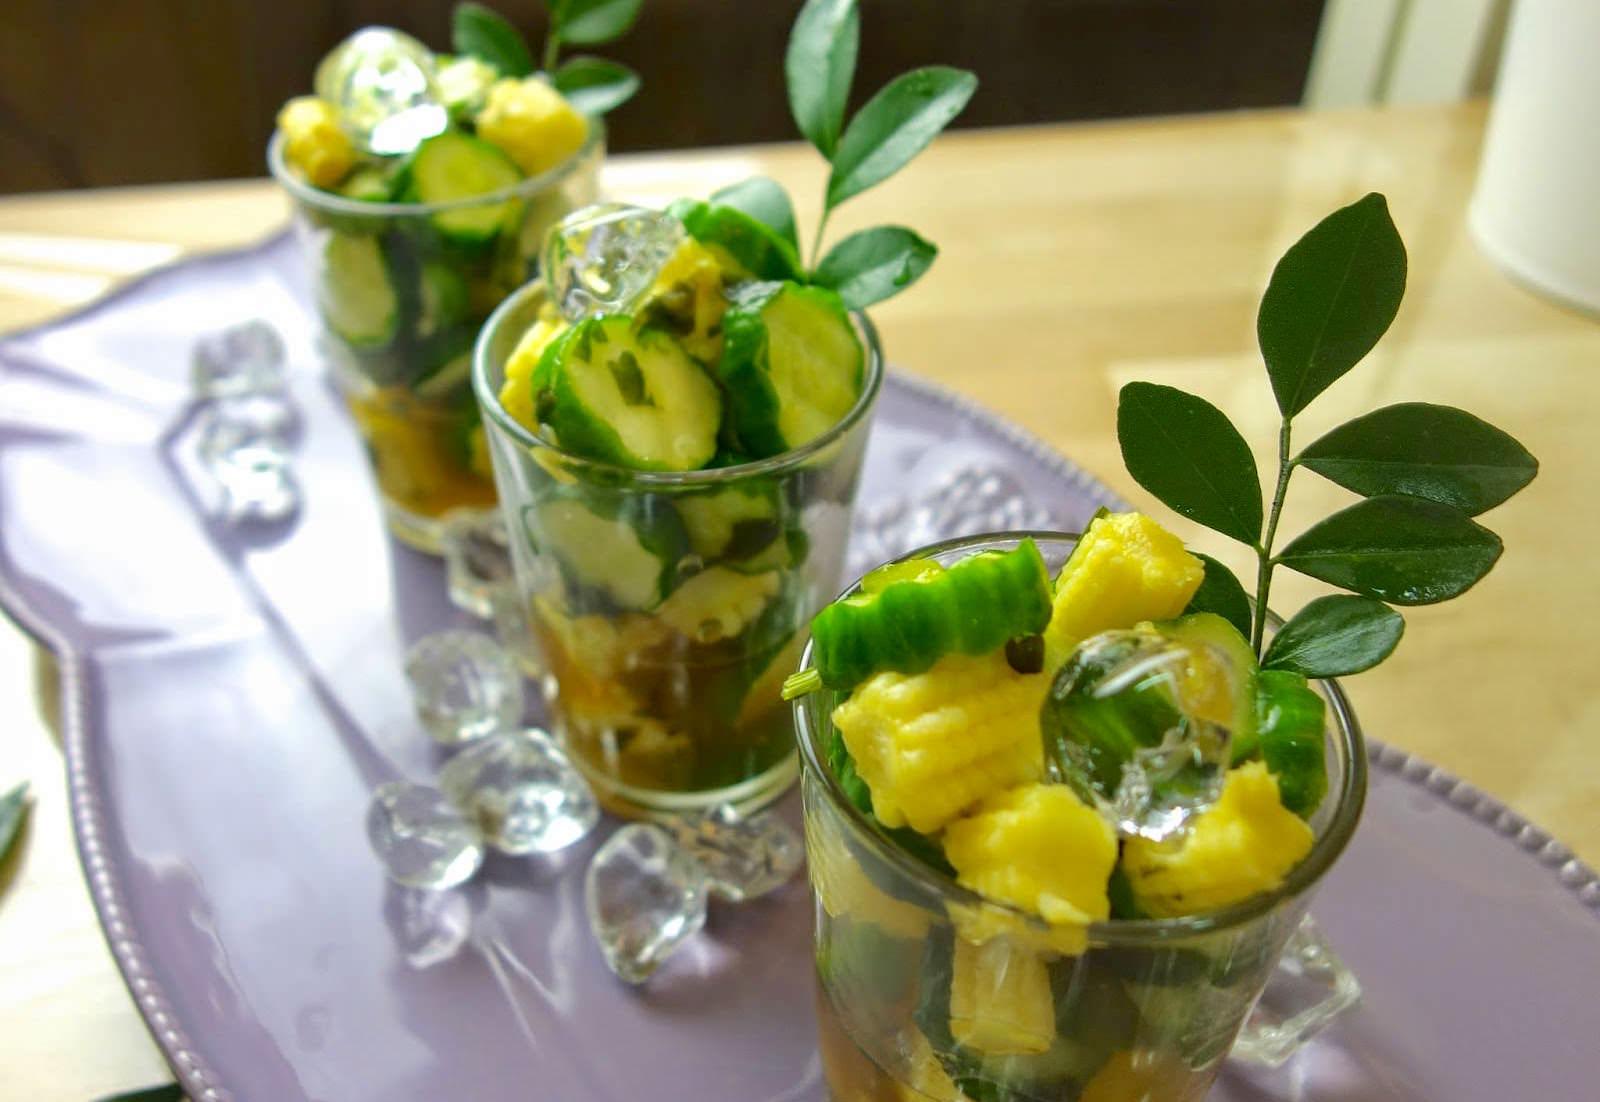 夏天沒胃口?在家自己做「泰式涼拌蔬食」,酸甜清爽又低卡非常開胃!